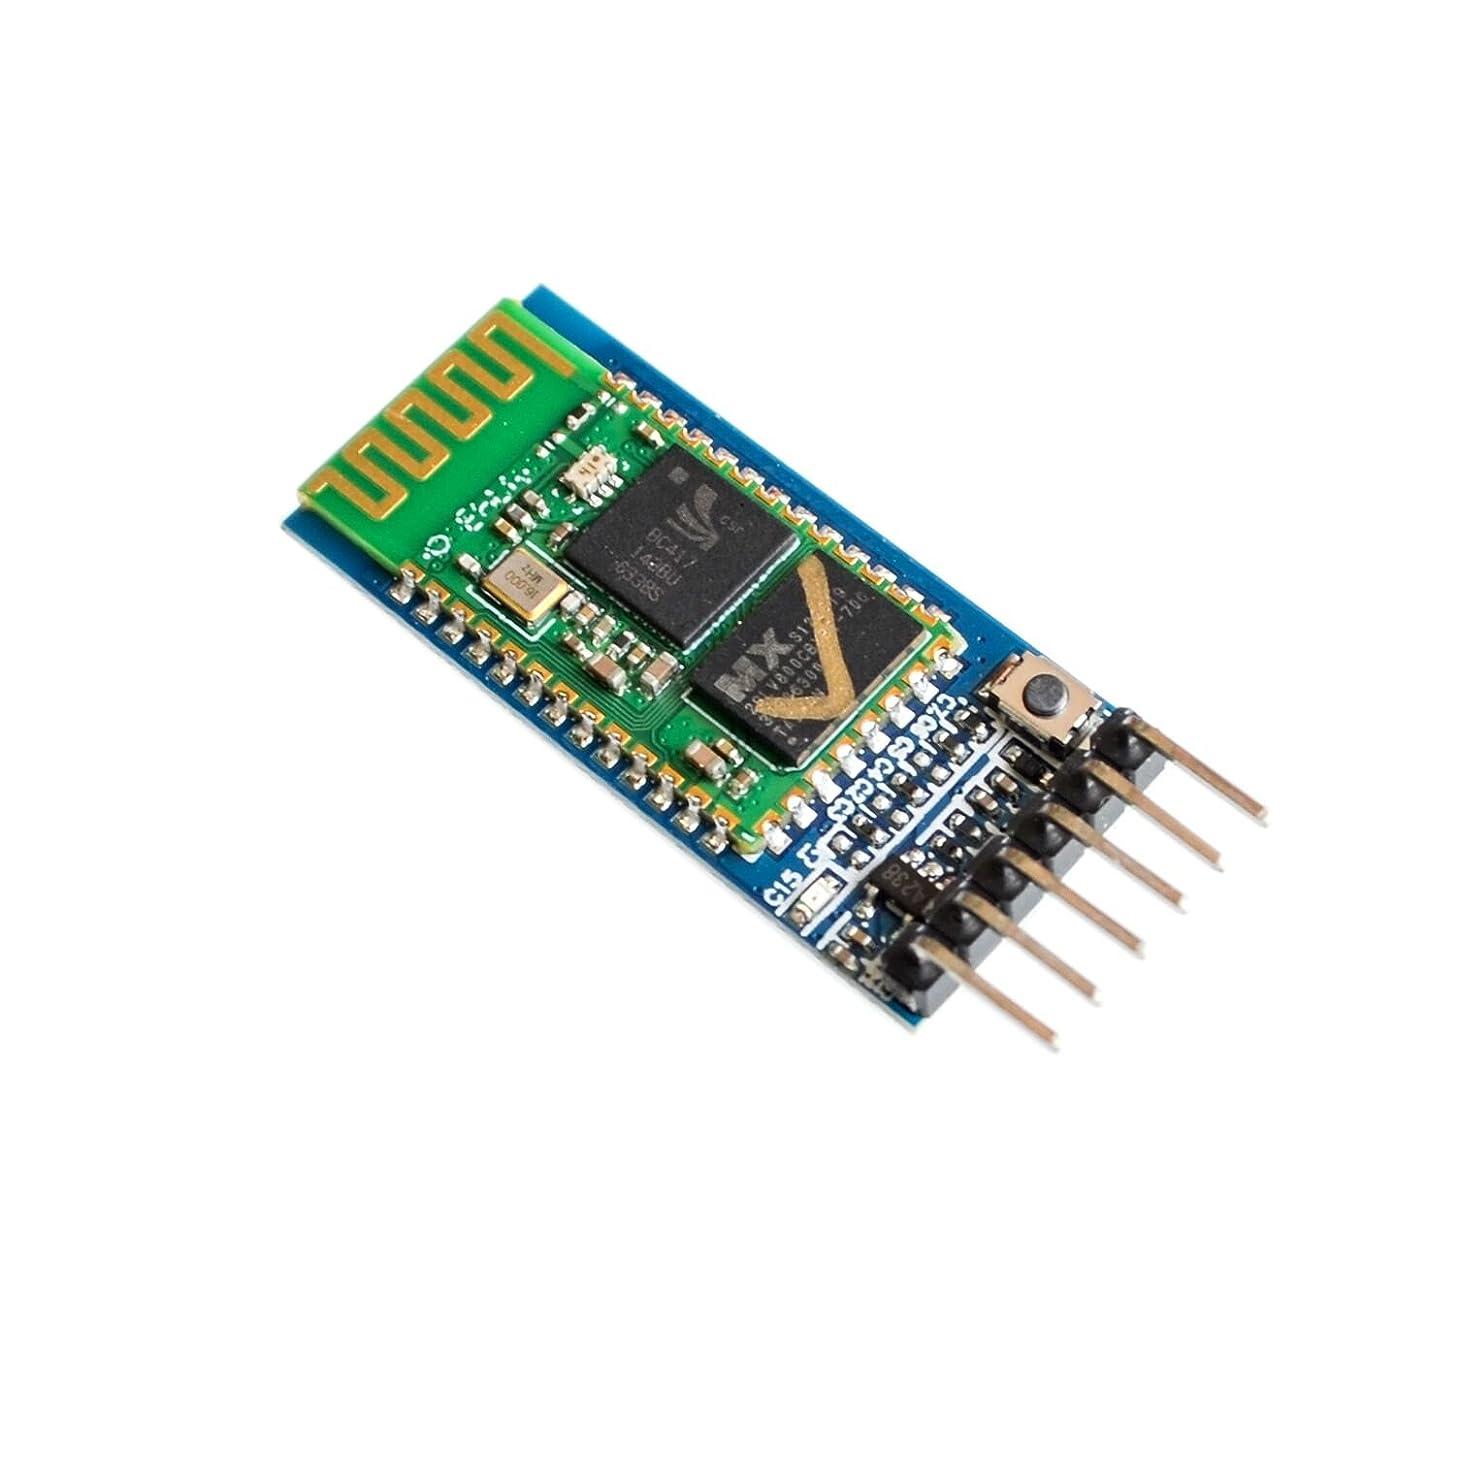 解明ビジョンセクションMayata 20セット/ロット JY-MCU アンチリバース、統合Bluetoothシリアルパススルーモジュール、ワイヤレスシリアル、HC-05、マスタースレーブ6ピン